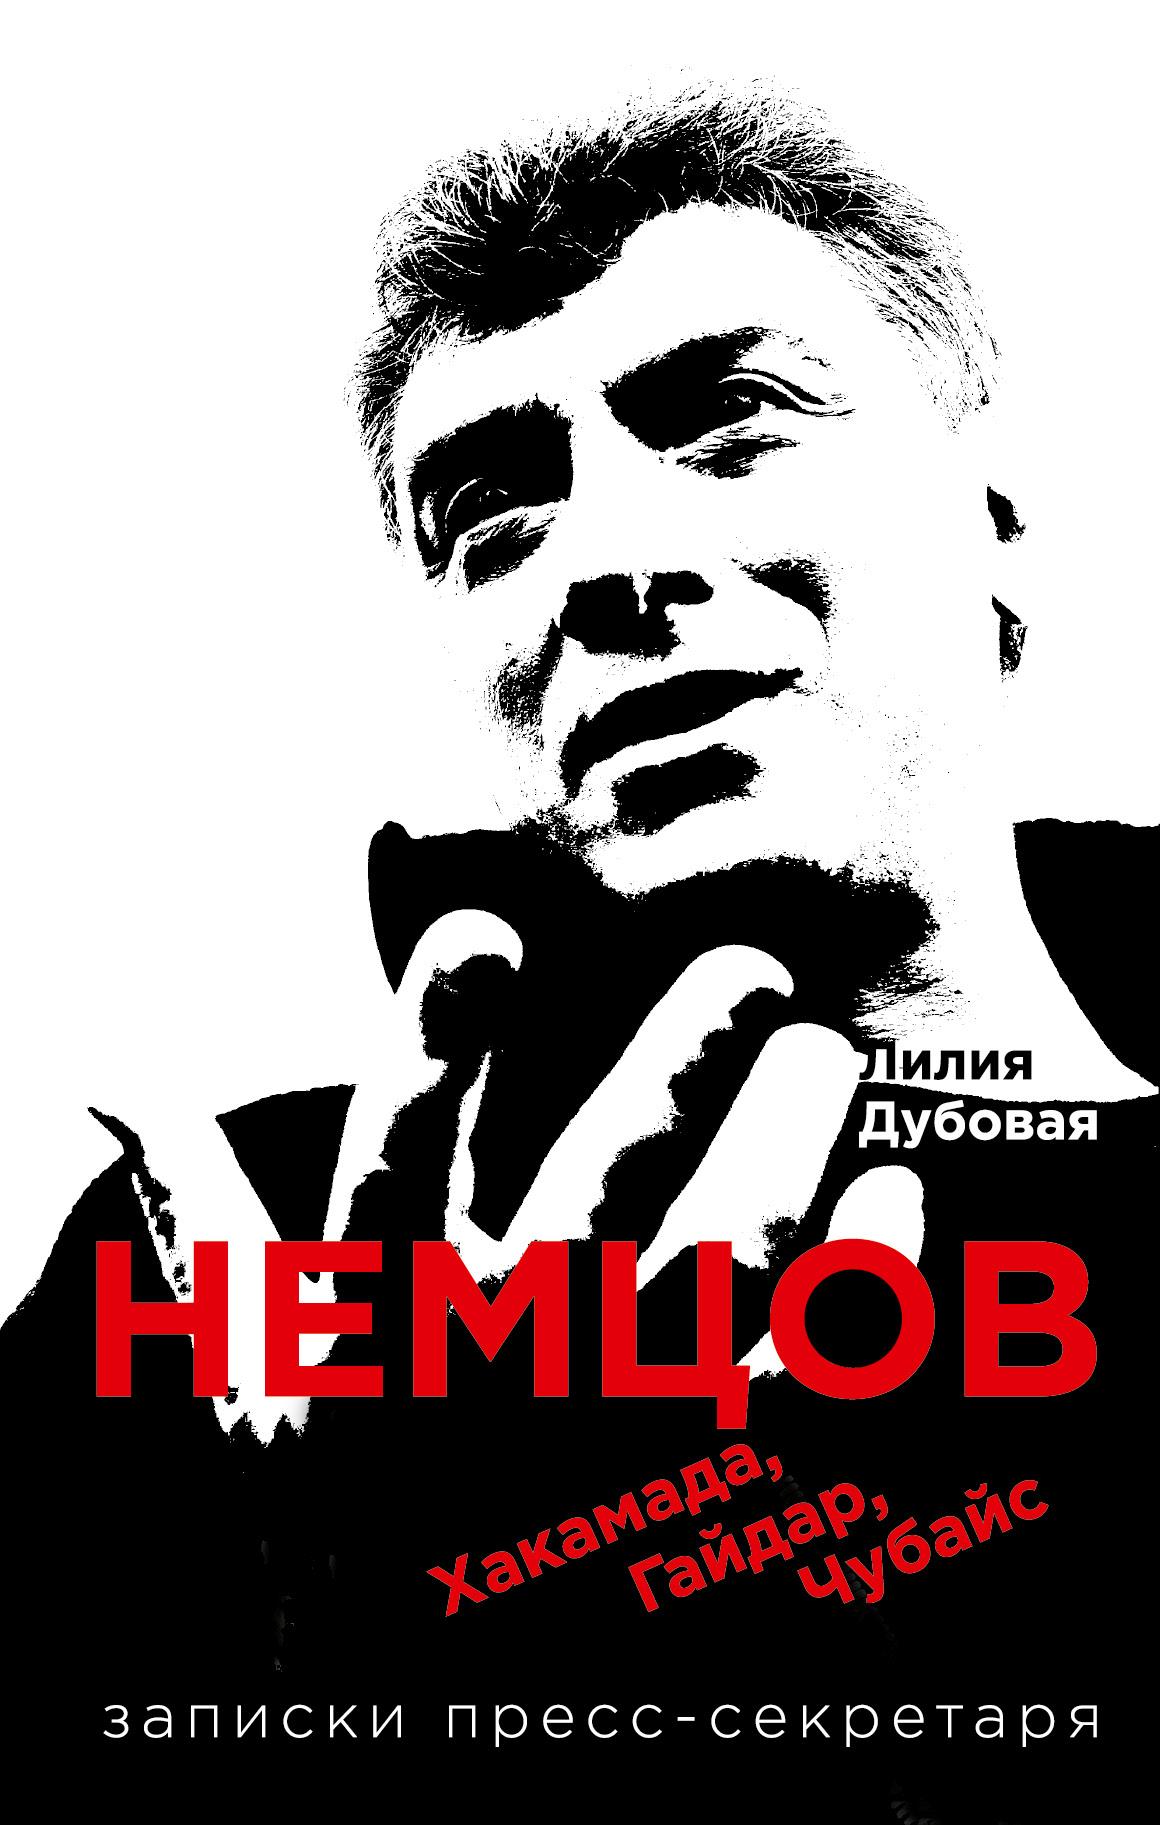 Немцов, Хакамада, Гайдар, Чубайс. Записки пресс-секретаря ( Дубовая Лилия Степановна  )